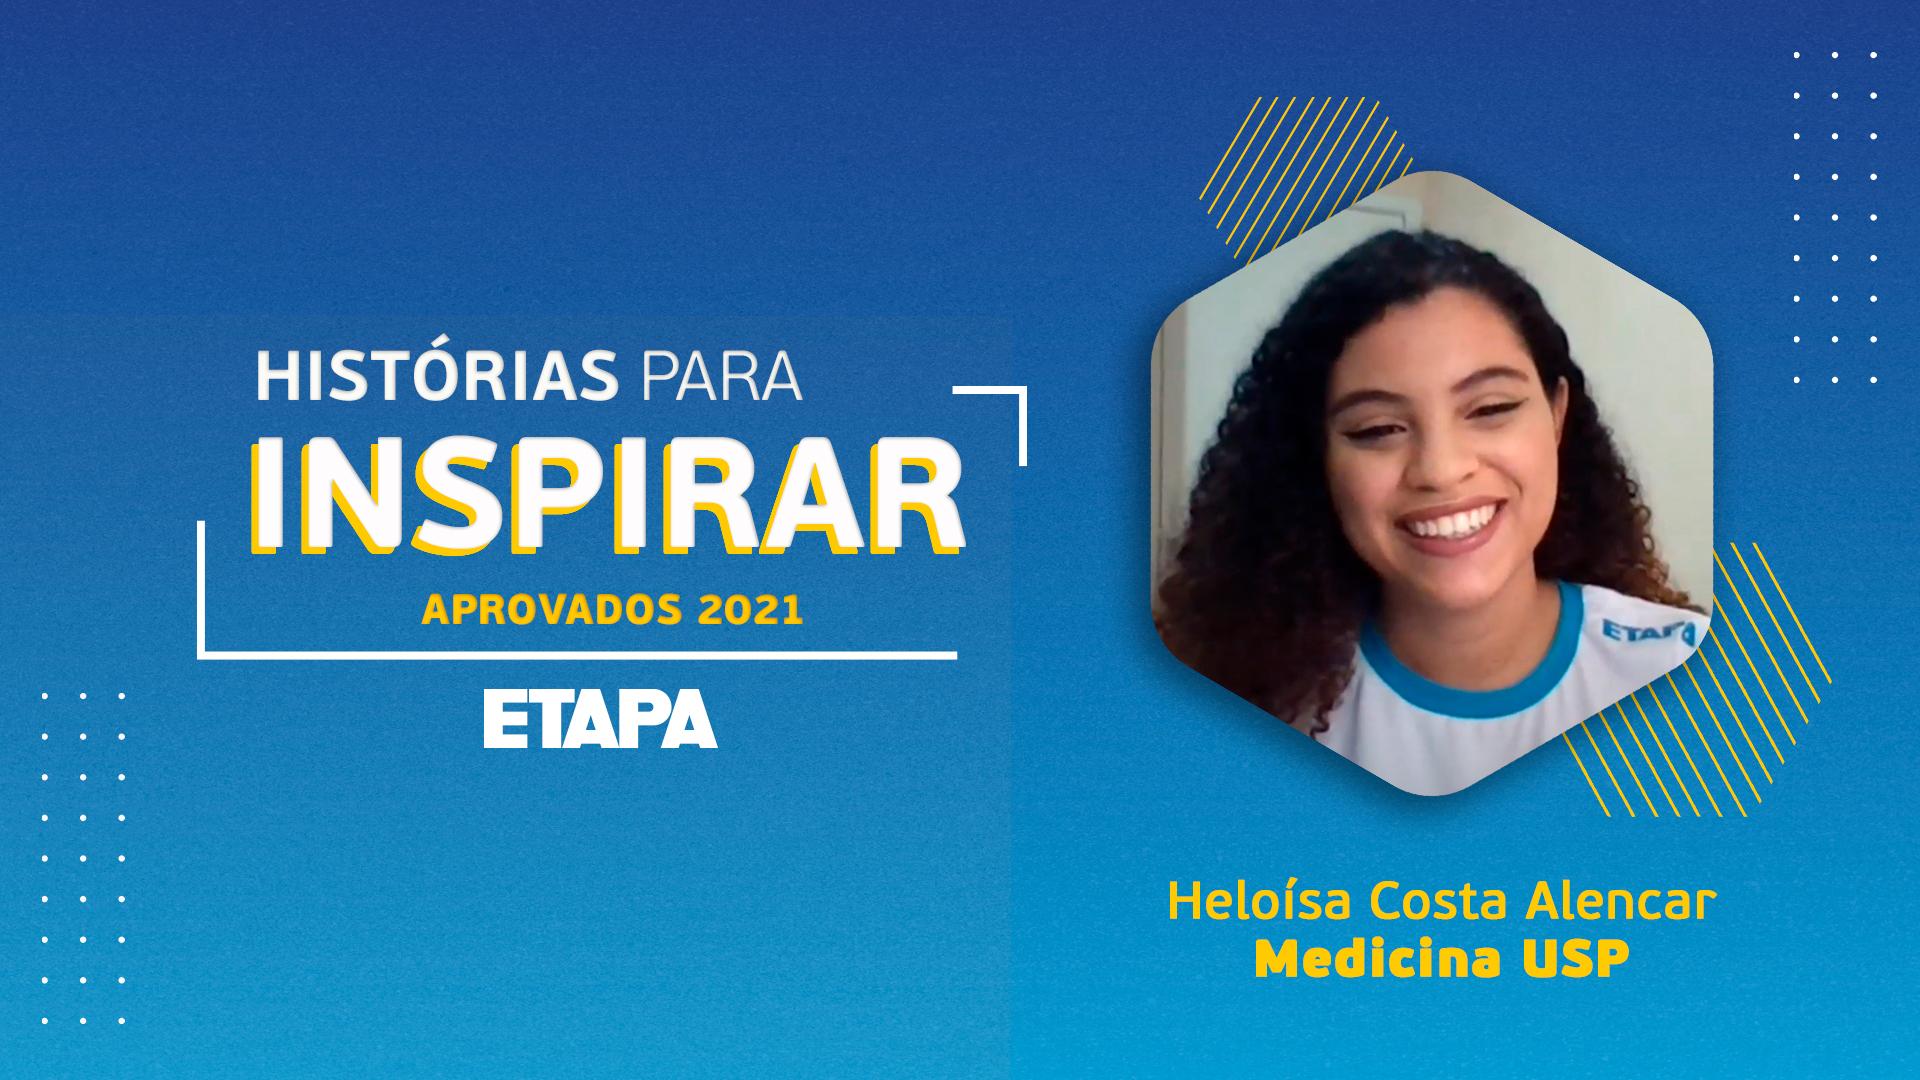 Histórias para inspirar: Heloísa Costa Alencar